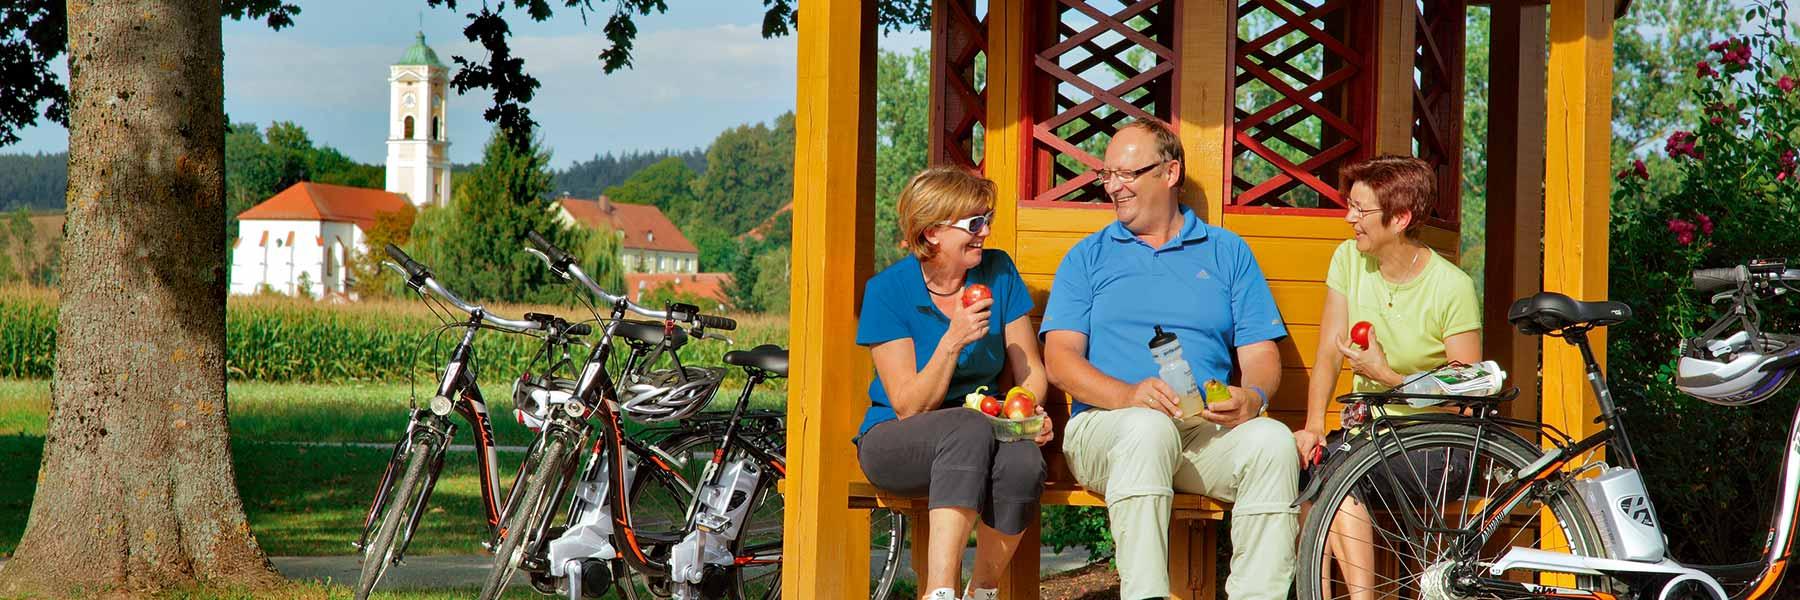 Fahrradfahren in Bad Birnbach im Rottal